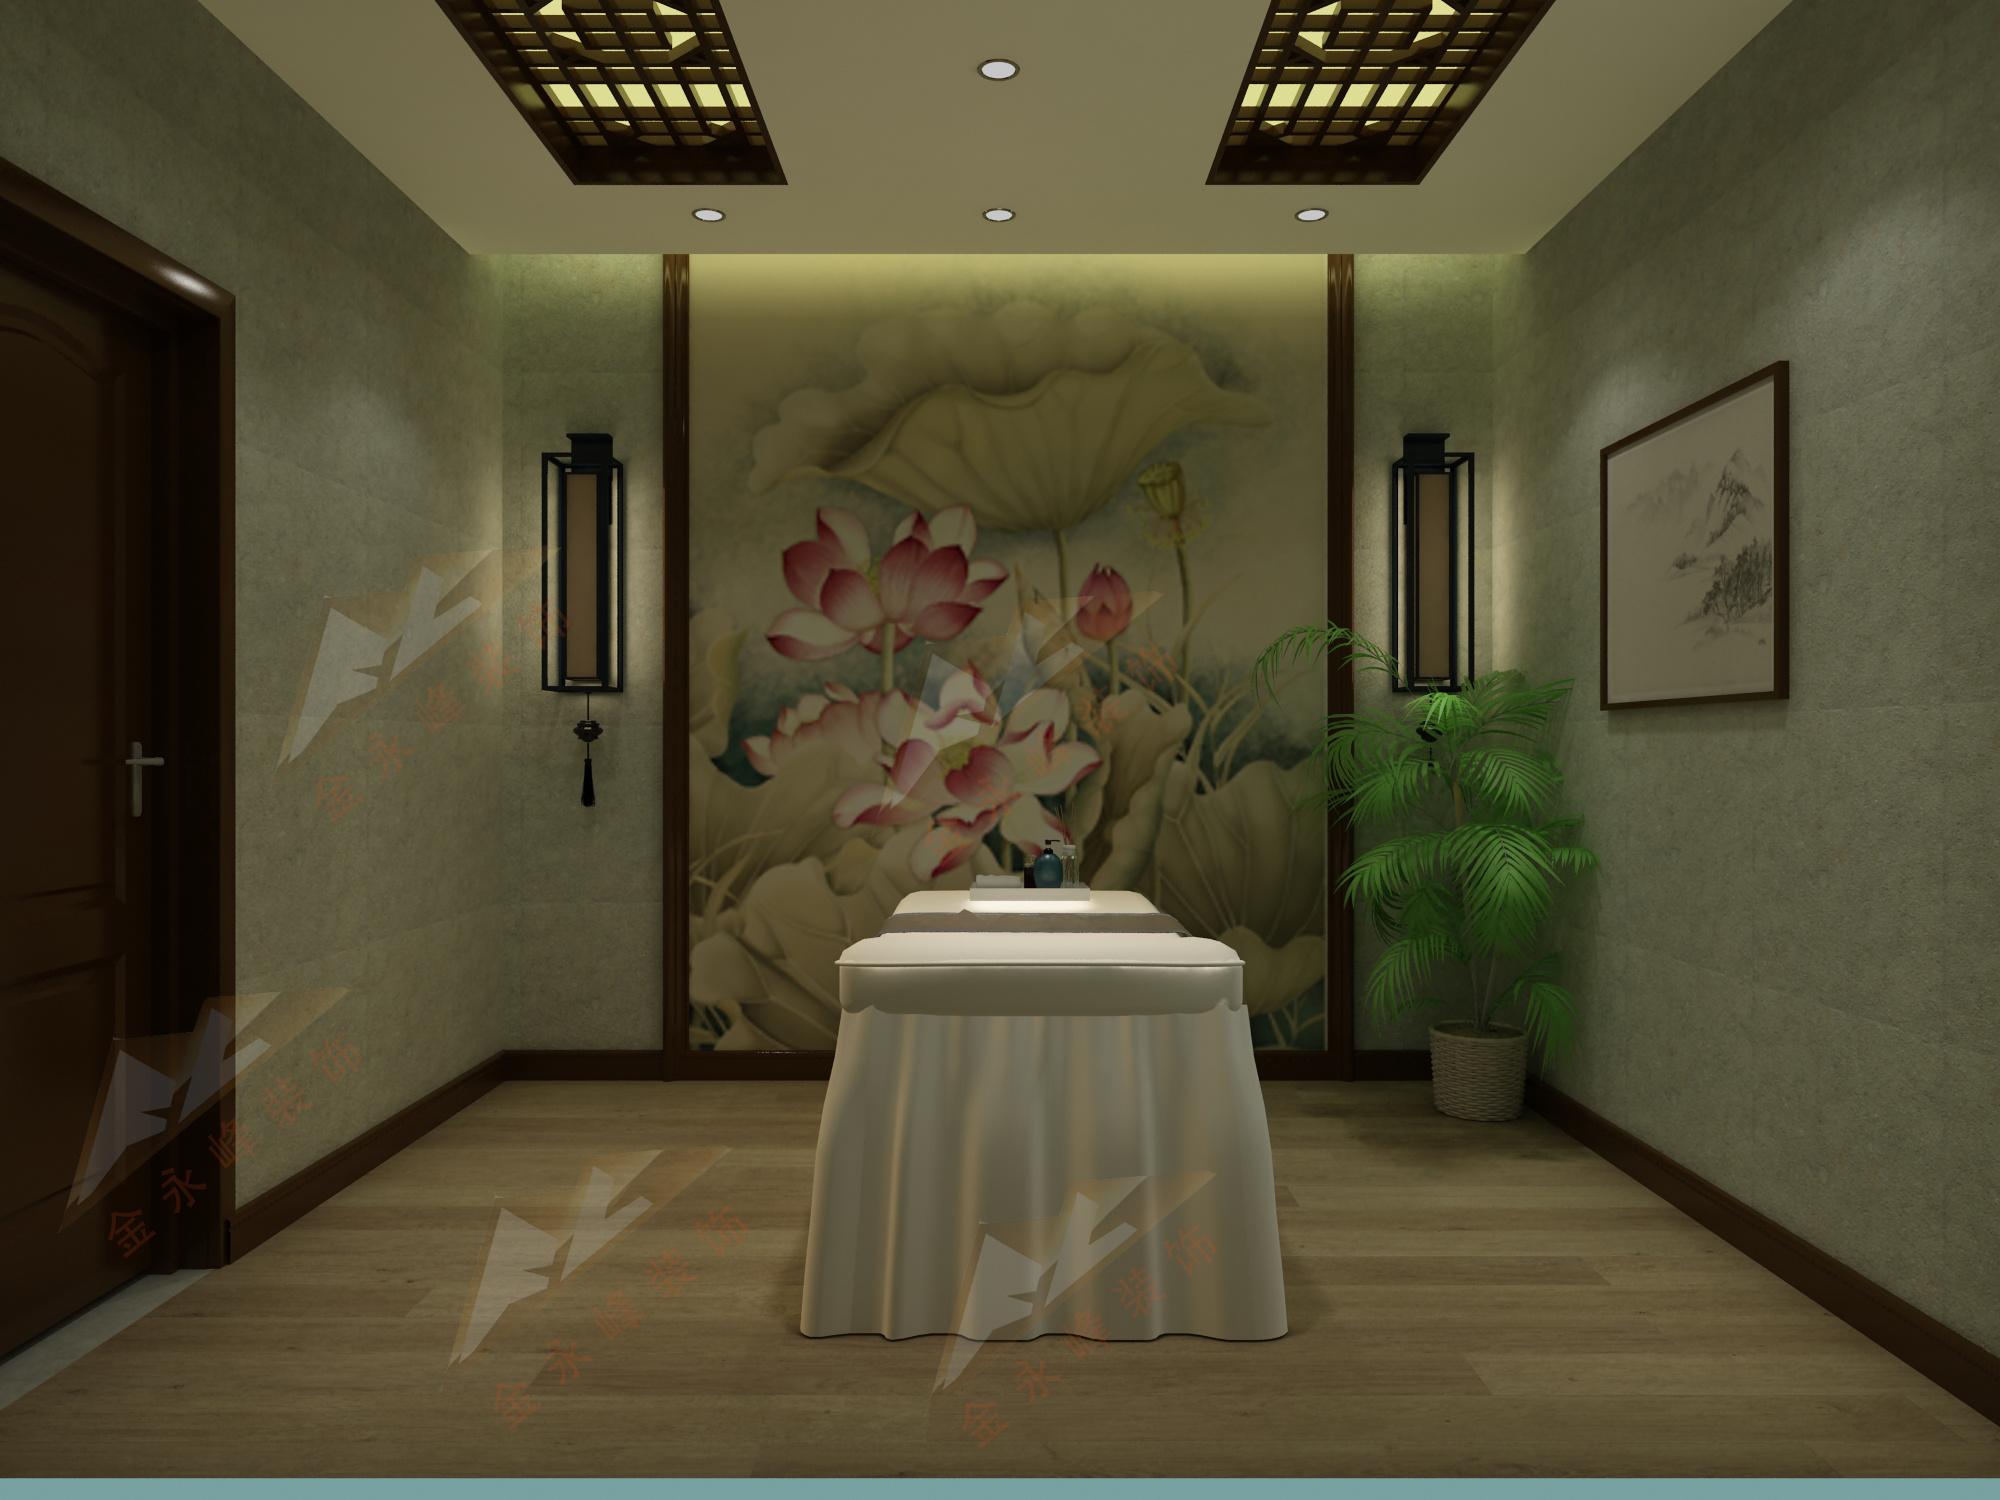 中医馆现代简约装修效果图实景图